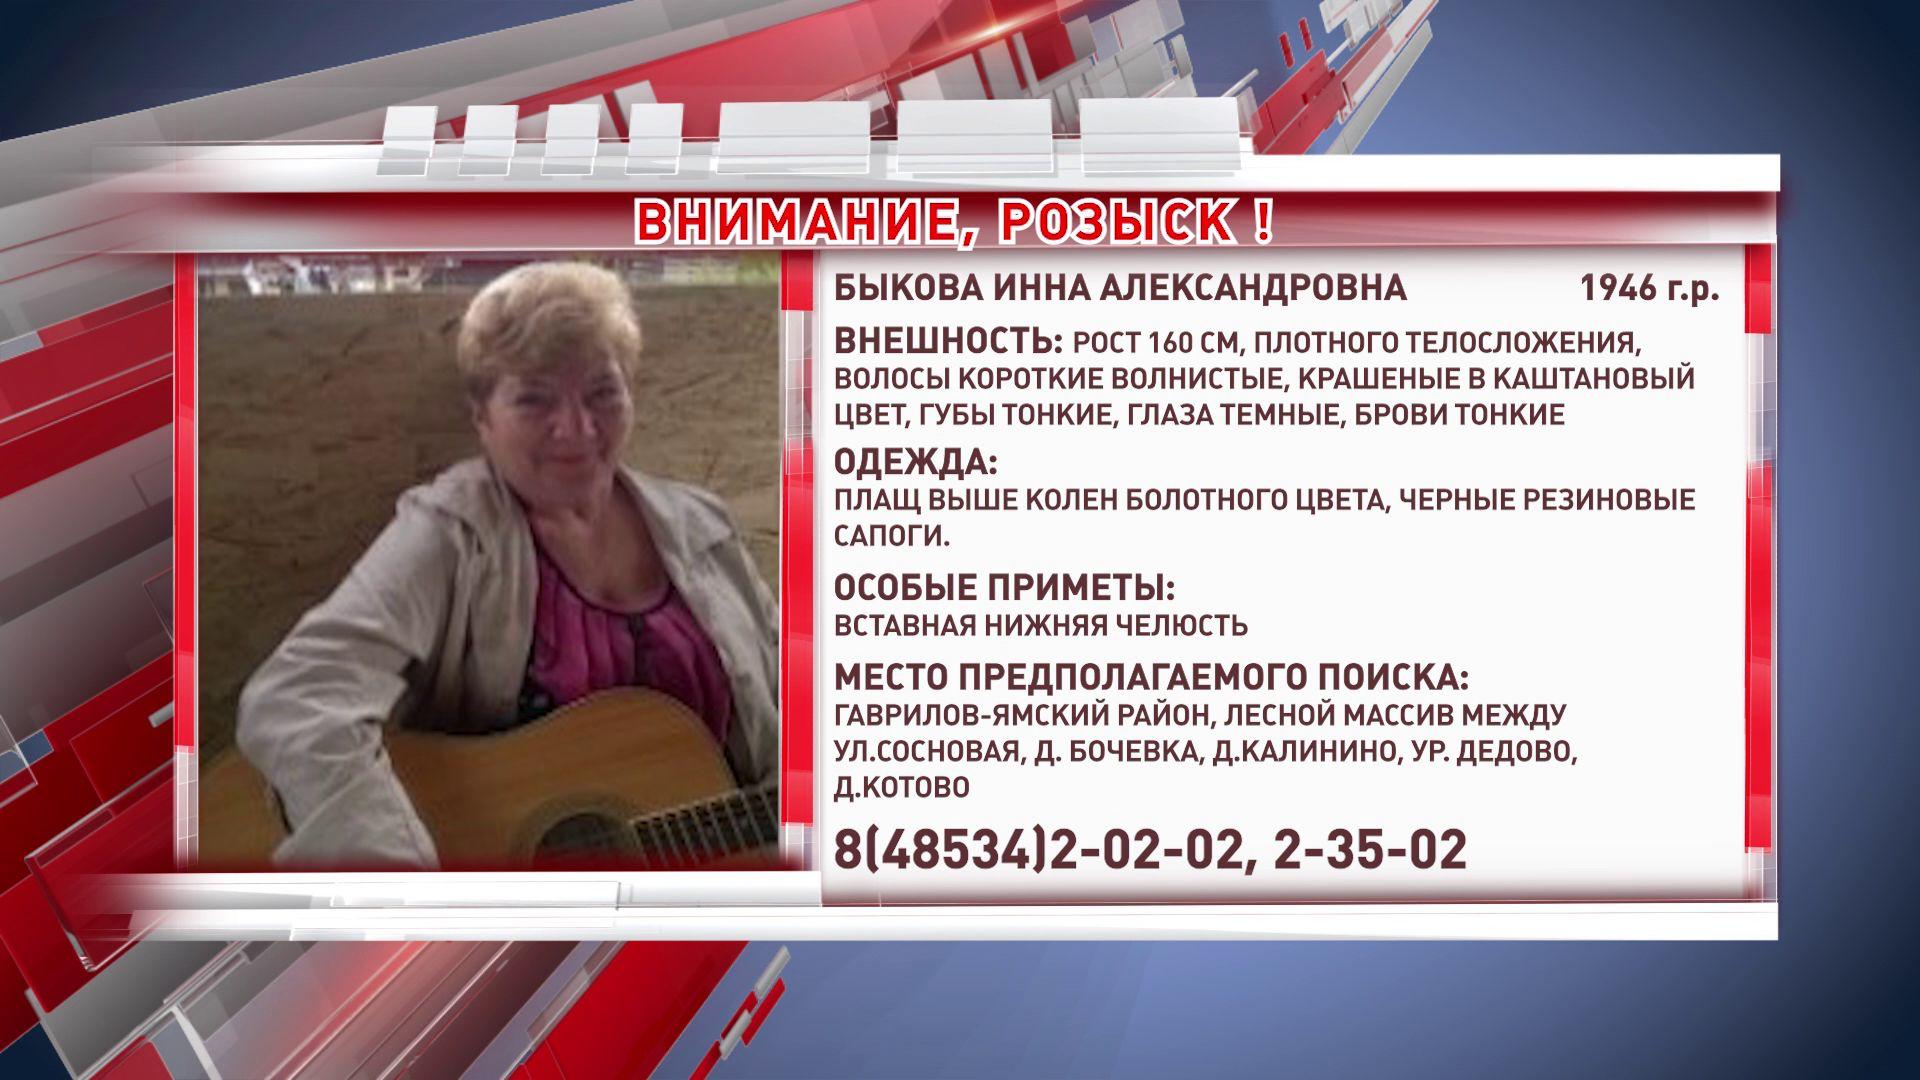 В Ярославле пропала 71-летняя женщина